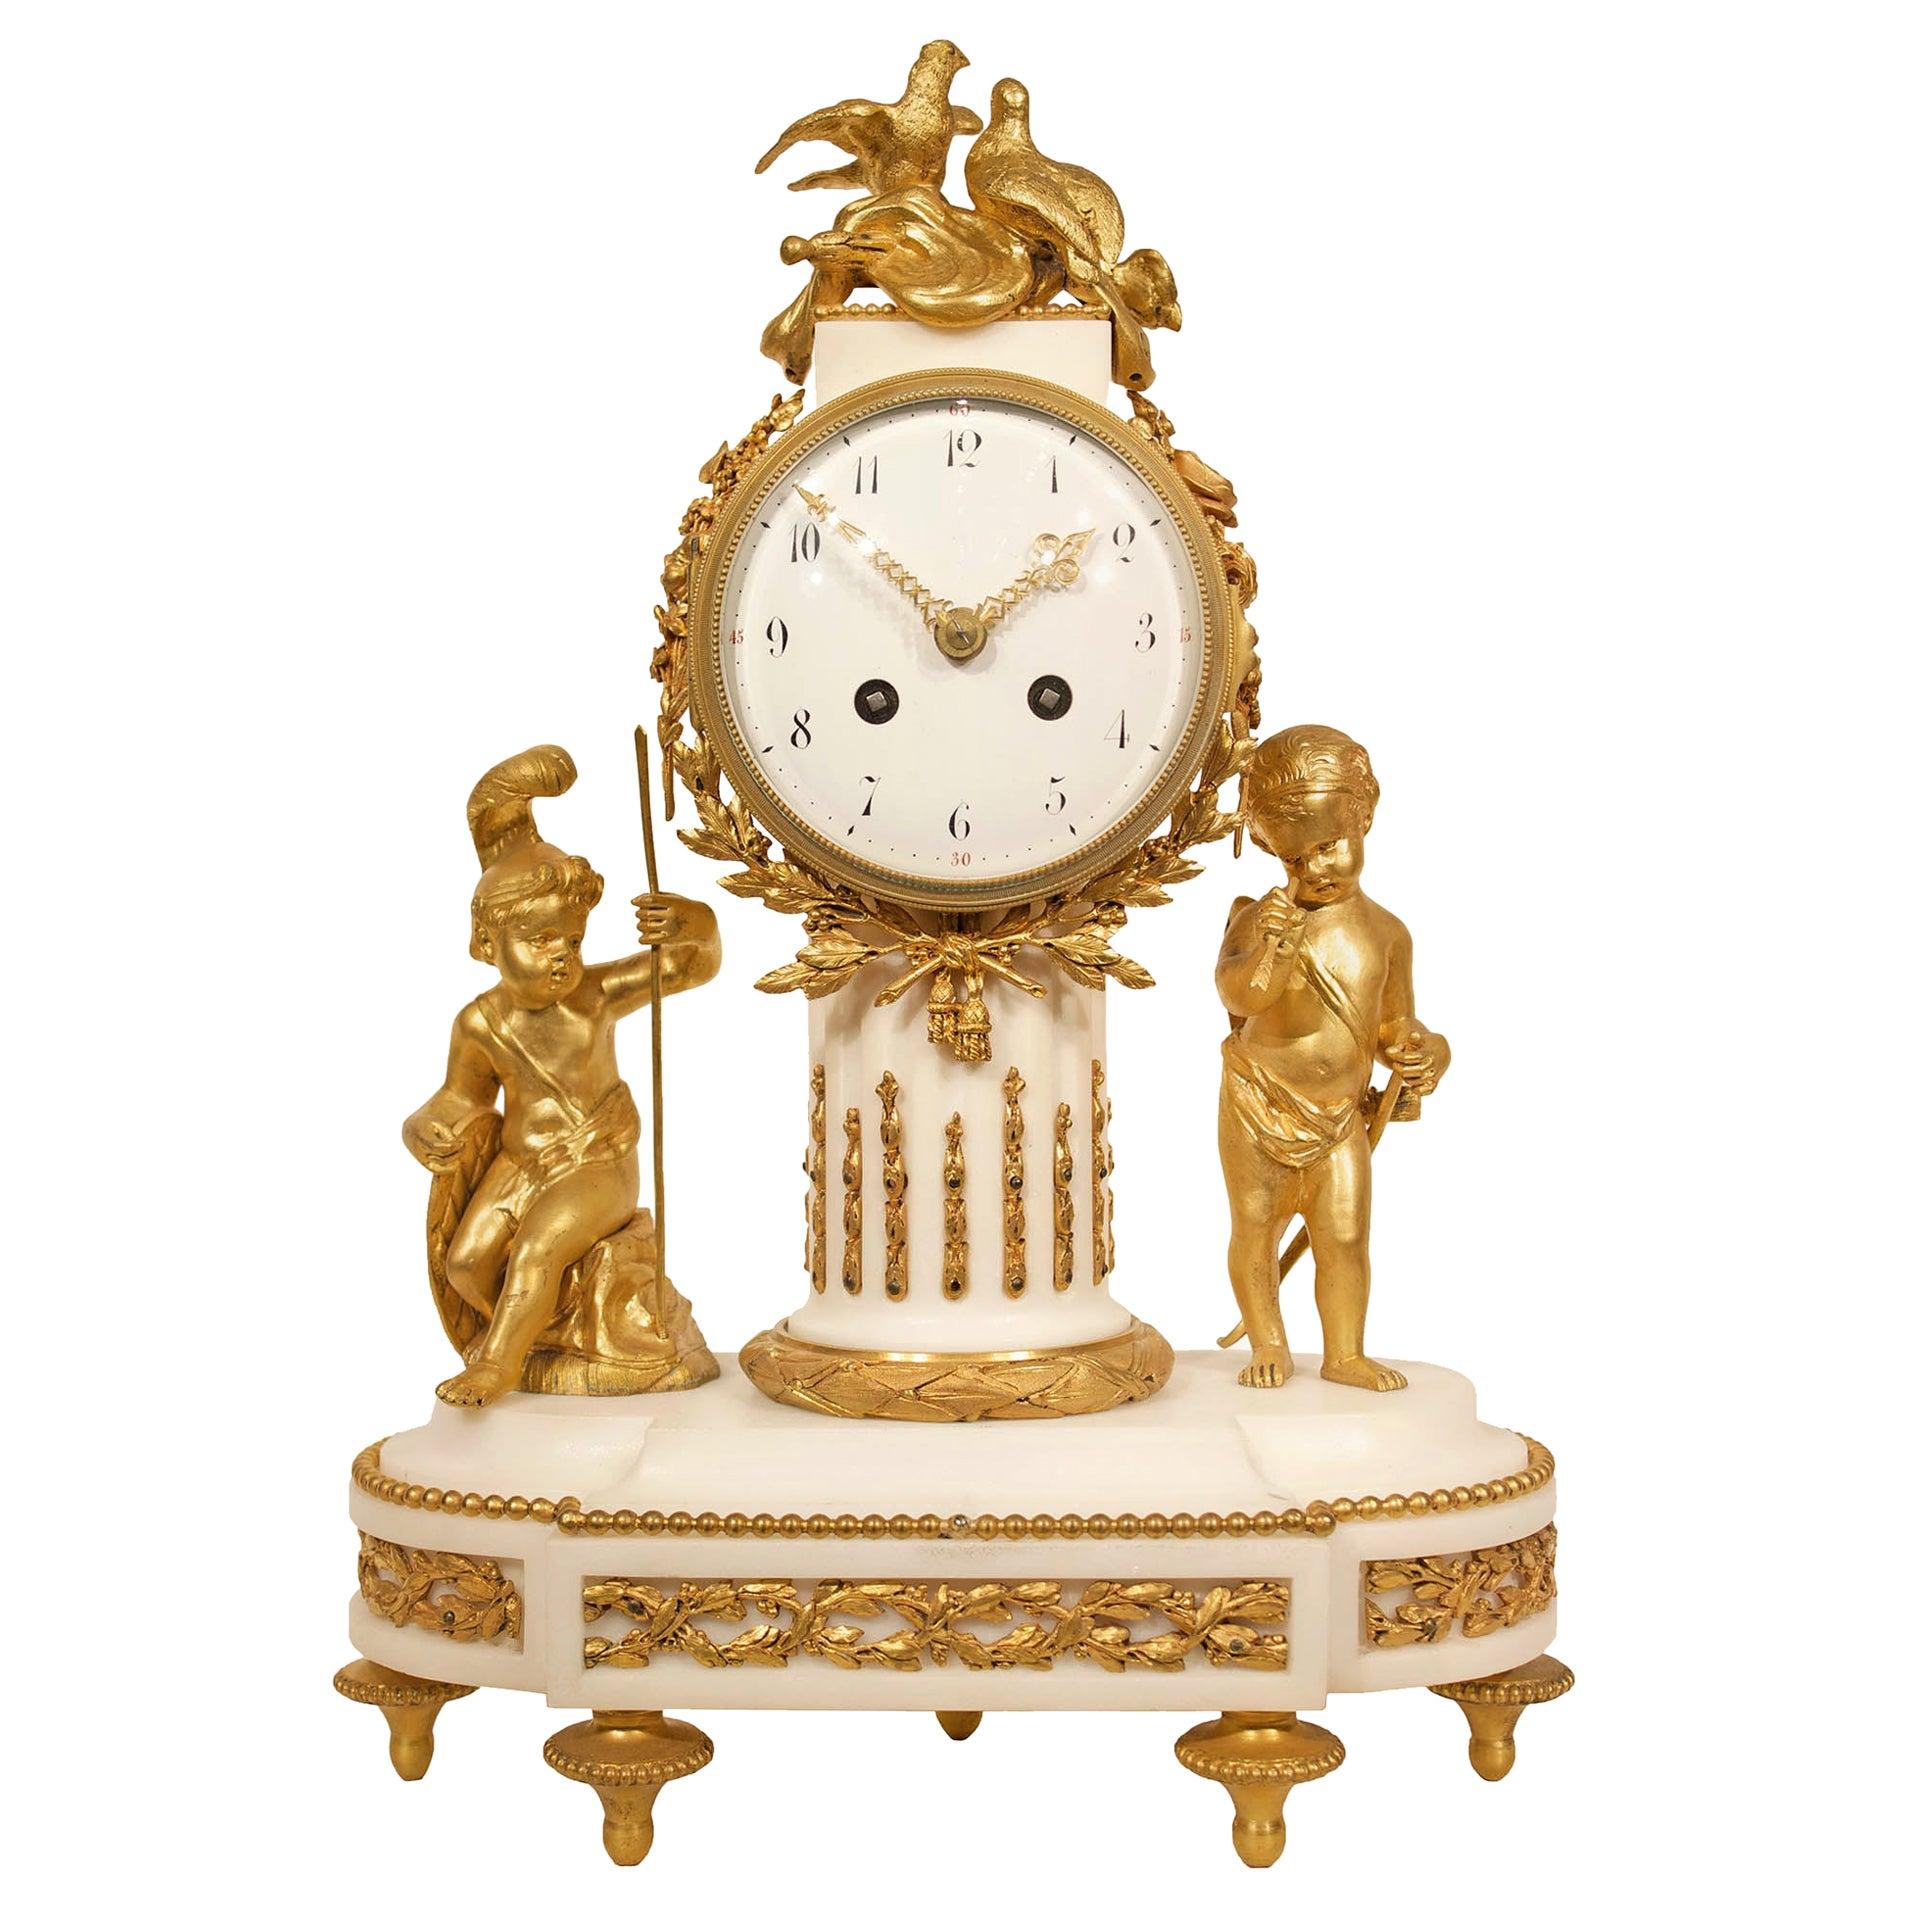 French 19th Century Louis XVI Style White Carrara Marble Clock